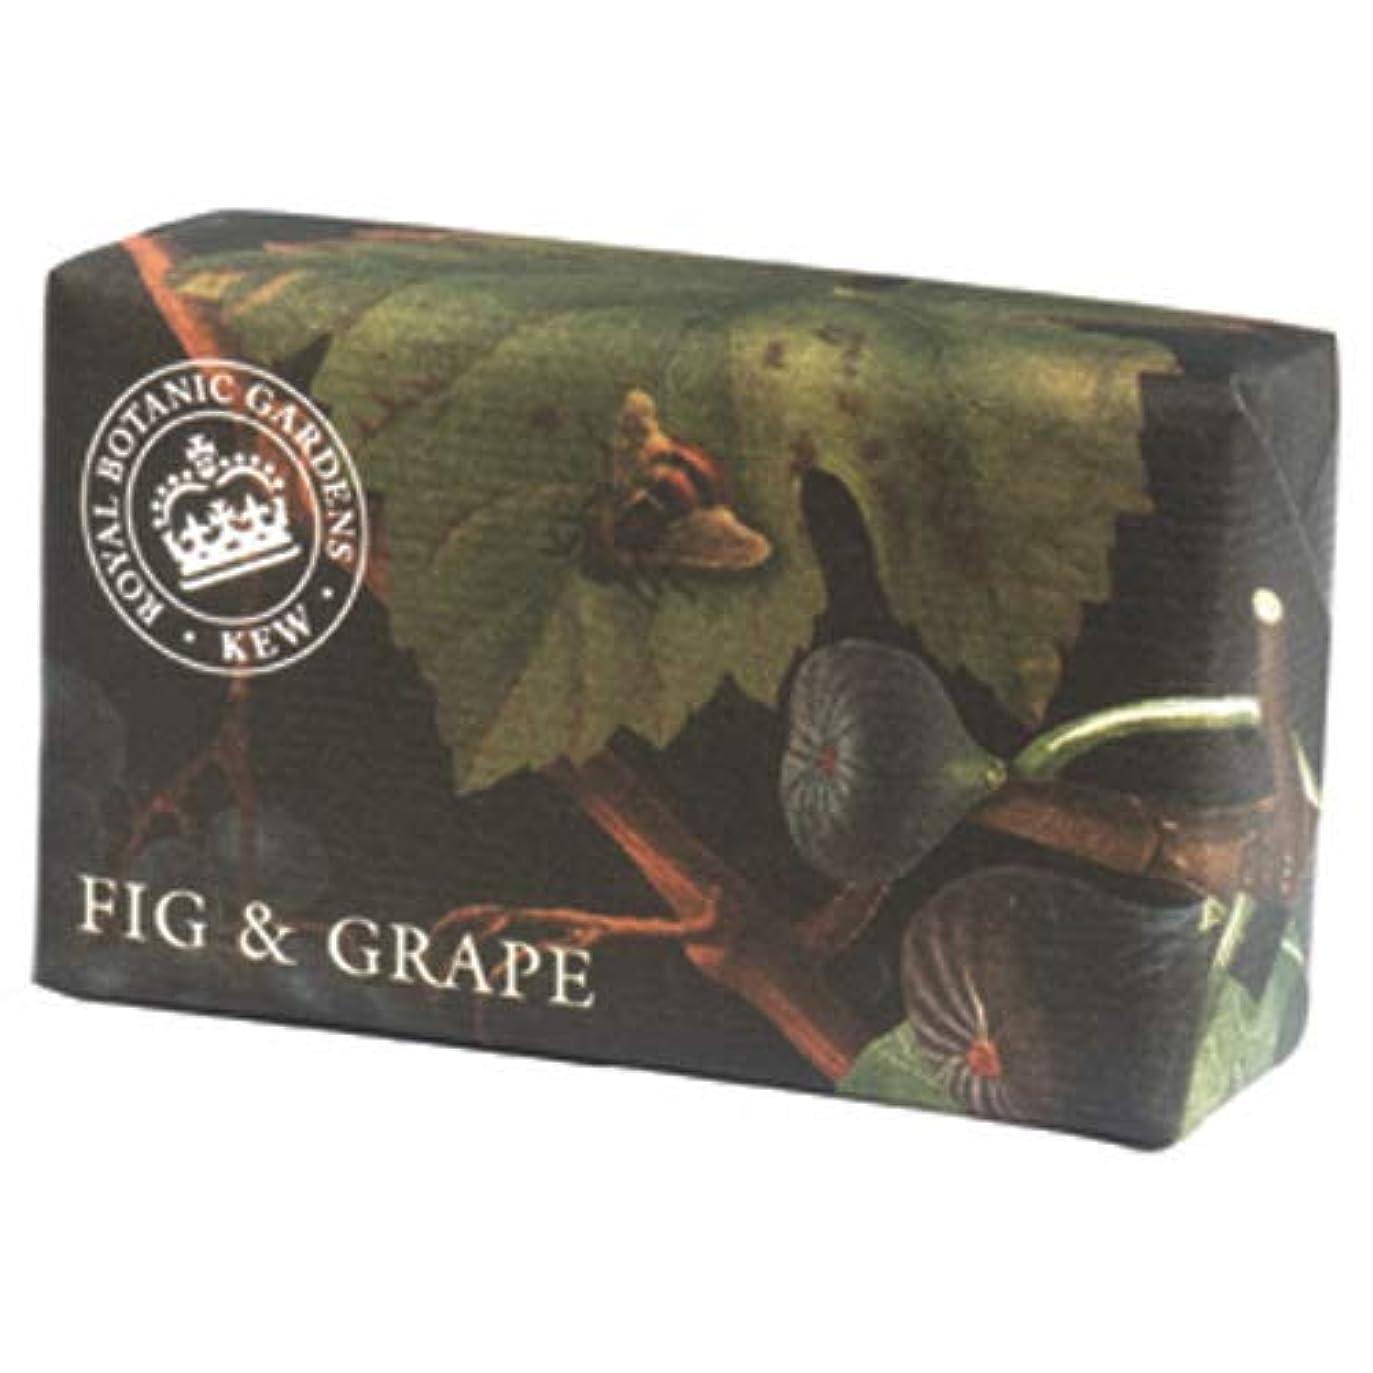 感じる応答りんごEnglish Soap Company イングリッシュソープカンパニー KEW GARDEN キュー?ガーデン Luxury Shea Soaps シアソープ Fig & Grape フィグ&グレープ